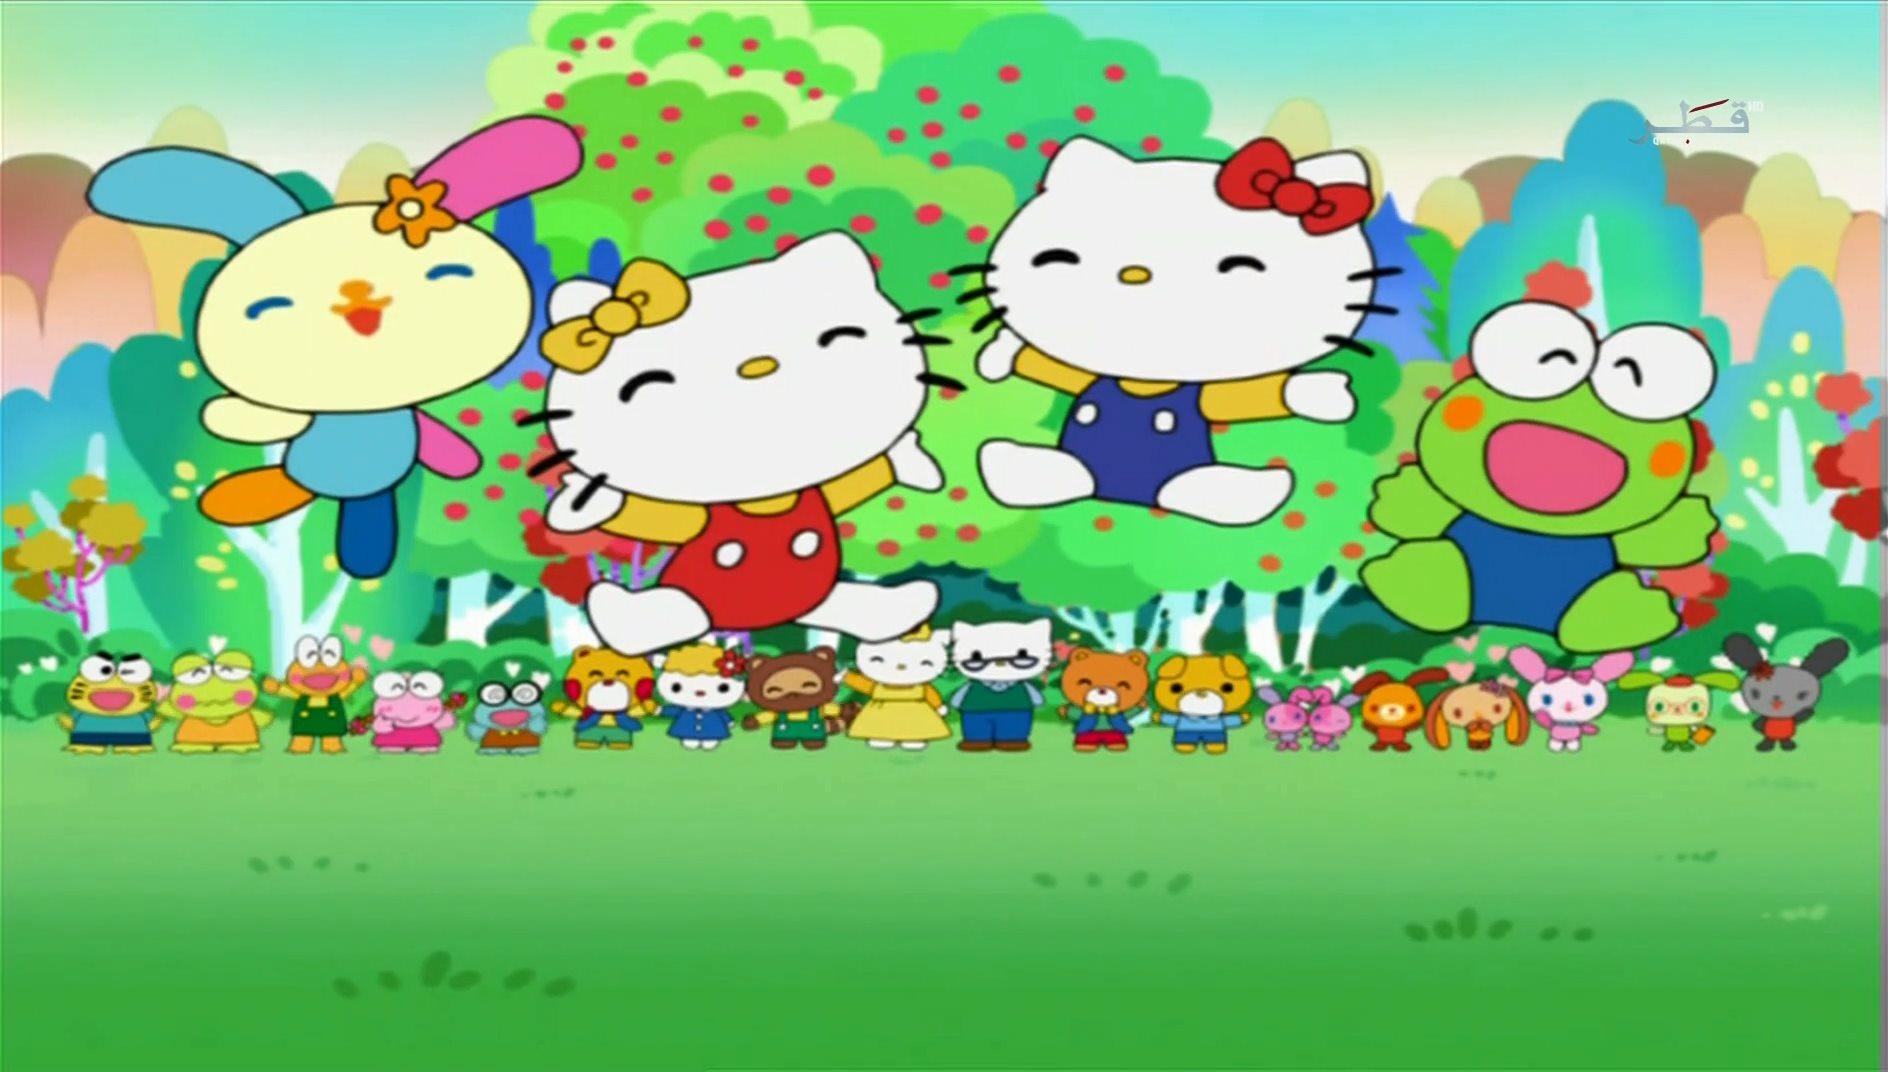 [هلو كيتي / Hello Kitty][62 حلقة][1080p]